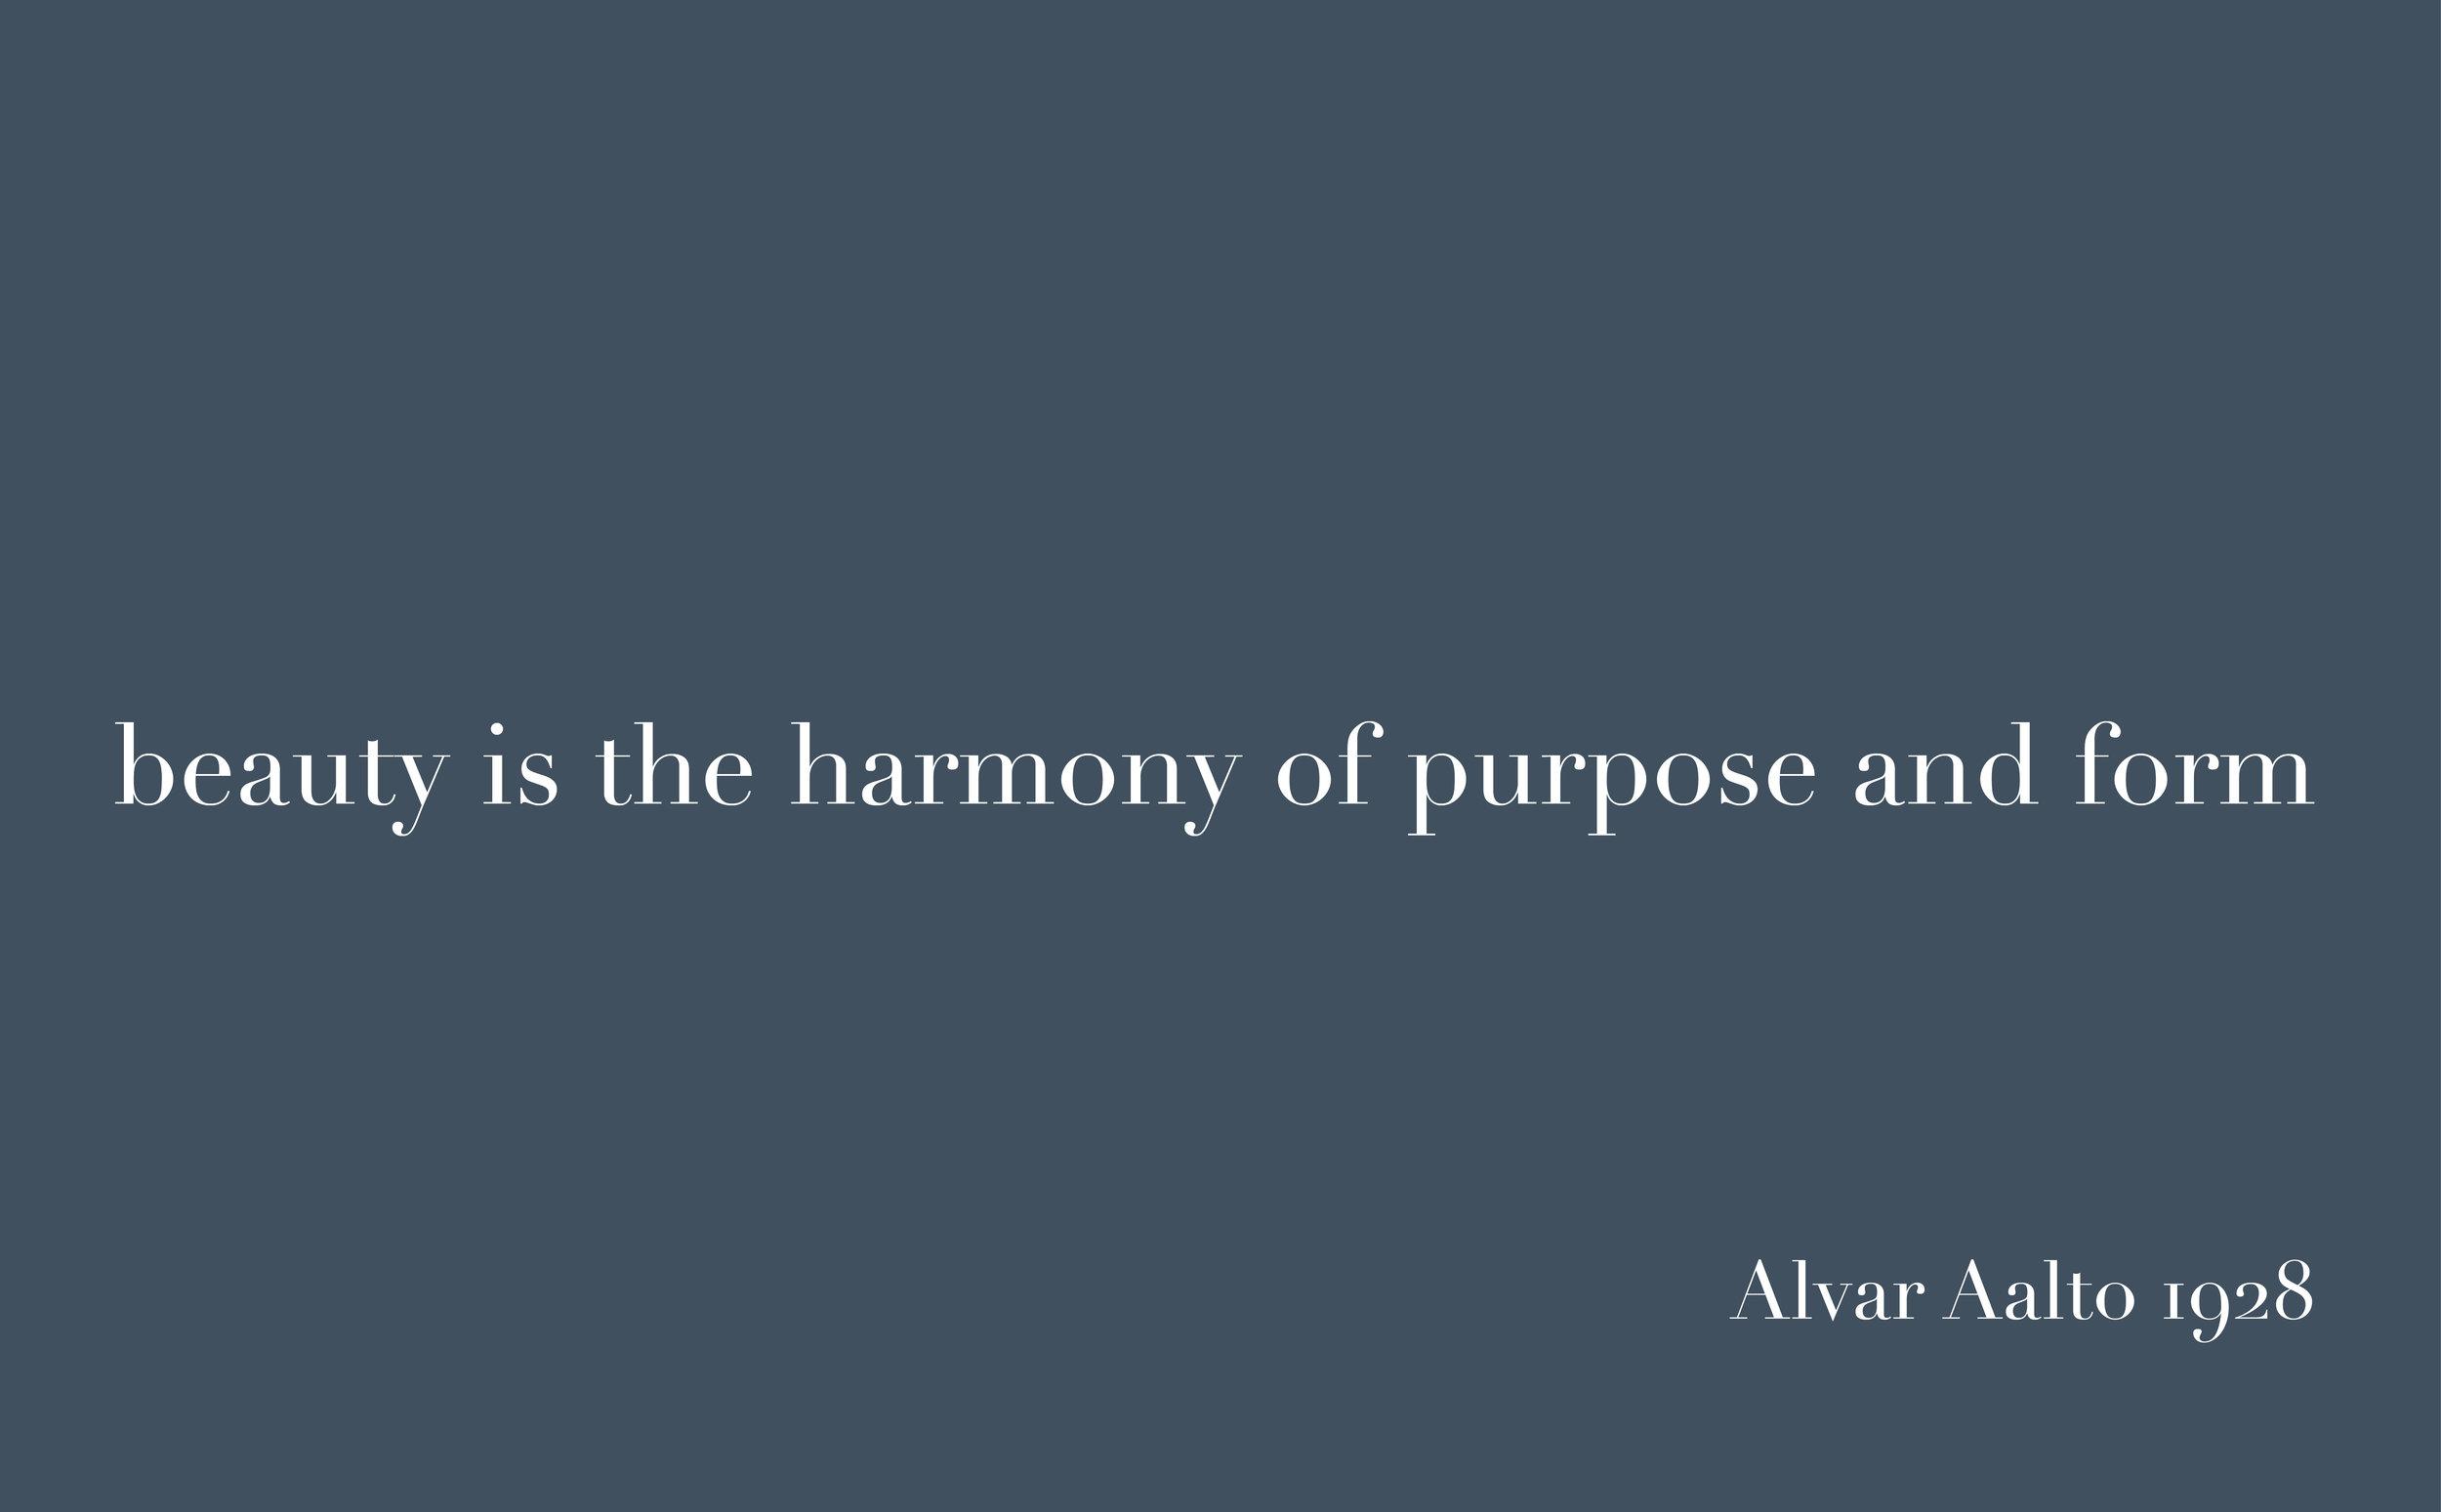 Aalto quote.jpg